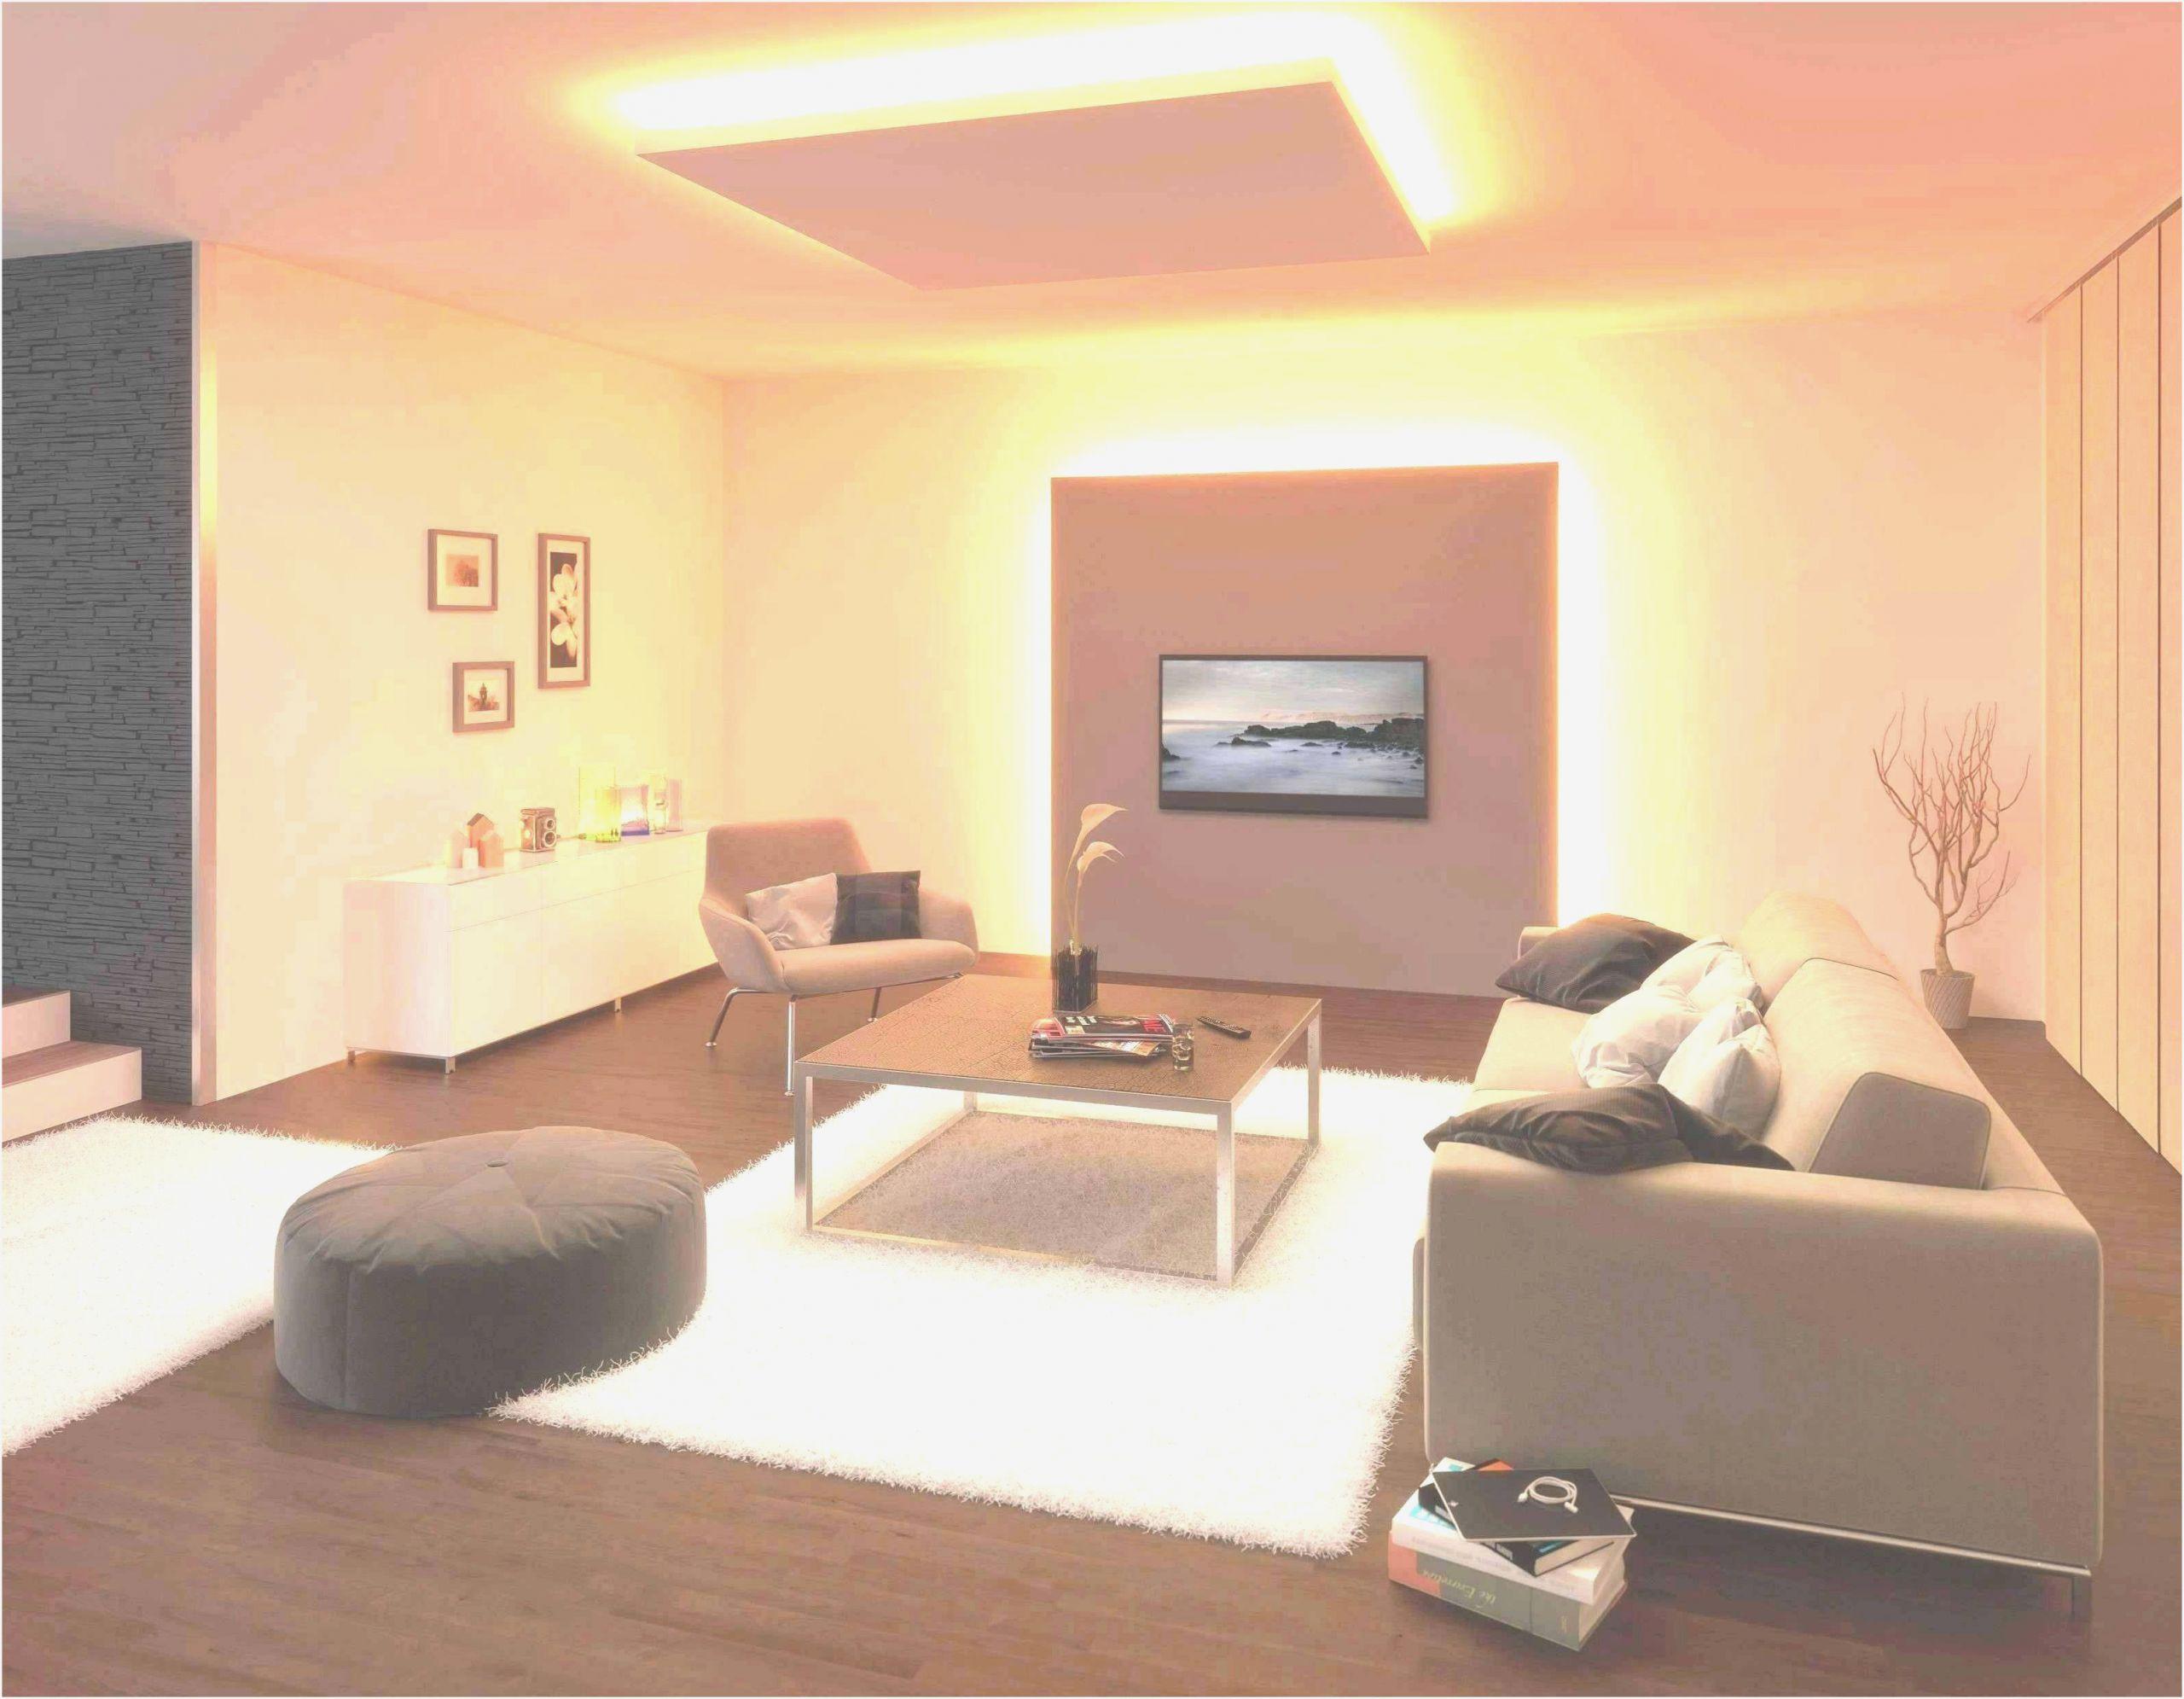 Full Size of Wohnzimmerlampen Ikea Miniküche Küche Kaufen Kosten Betten 160x200 Bei Modulküche Sofa Mit Schlaffunktion Wohnzimmer Wohnzimmerlampen Ikea